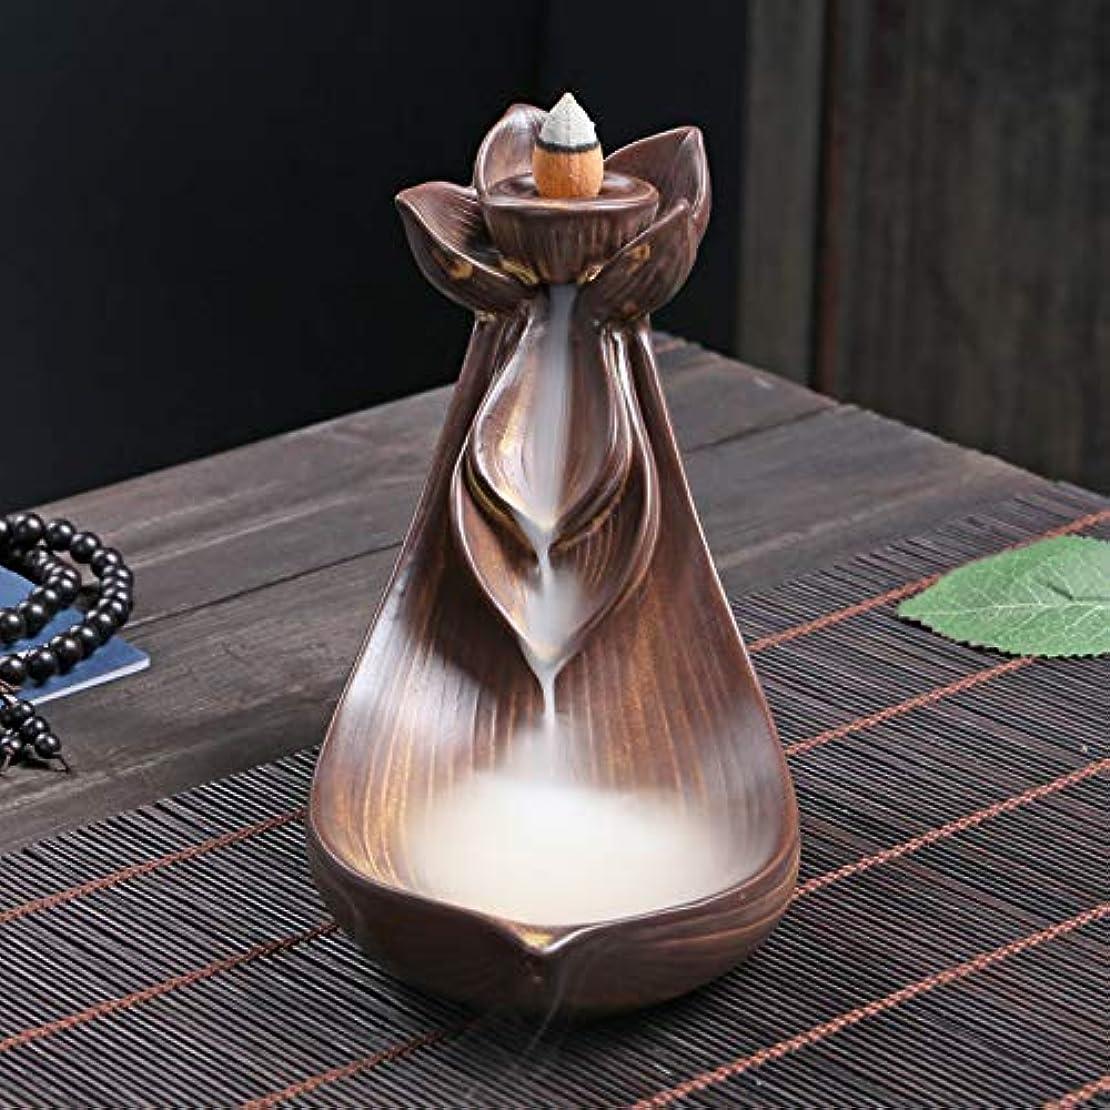 絞る植物学者悪意のあるPHILOGOD 陶器香炉 ロータススタイリング逆流香炉 倒流香 お香 ホルダー 香立て (Small Lotus)